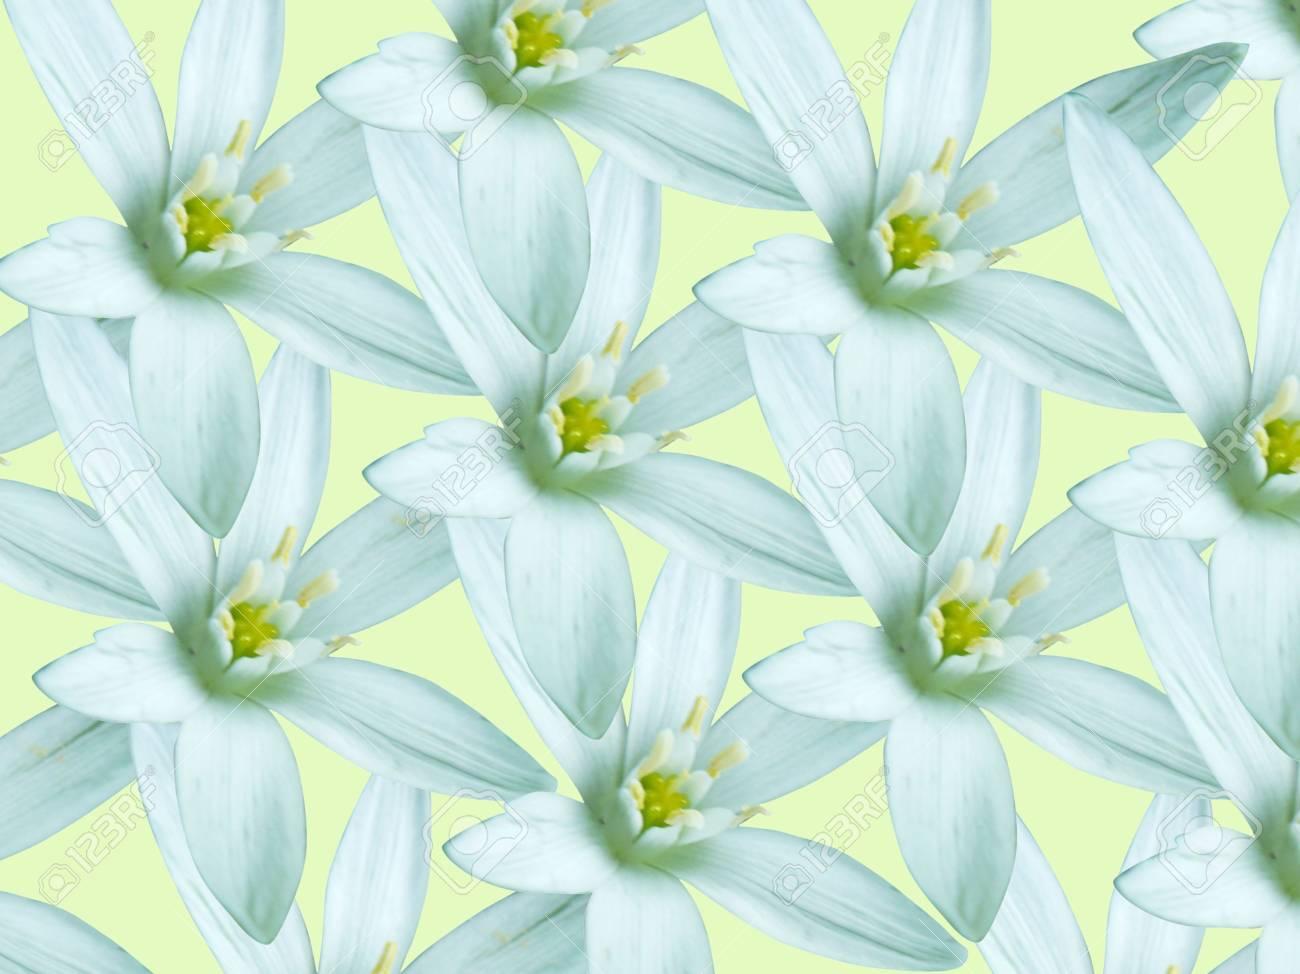 white lily texture Stock Photo - 6674921